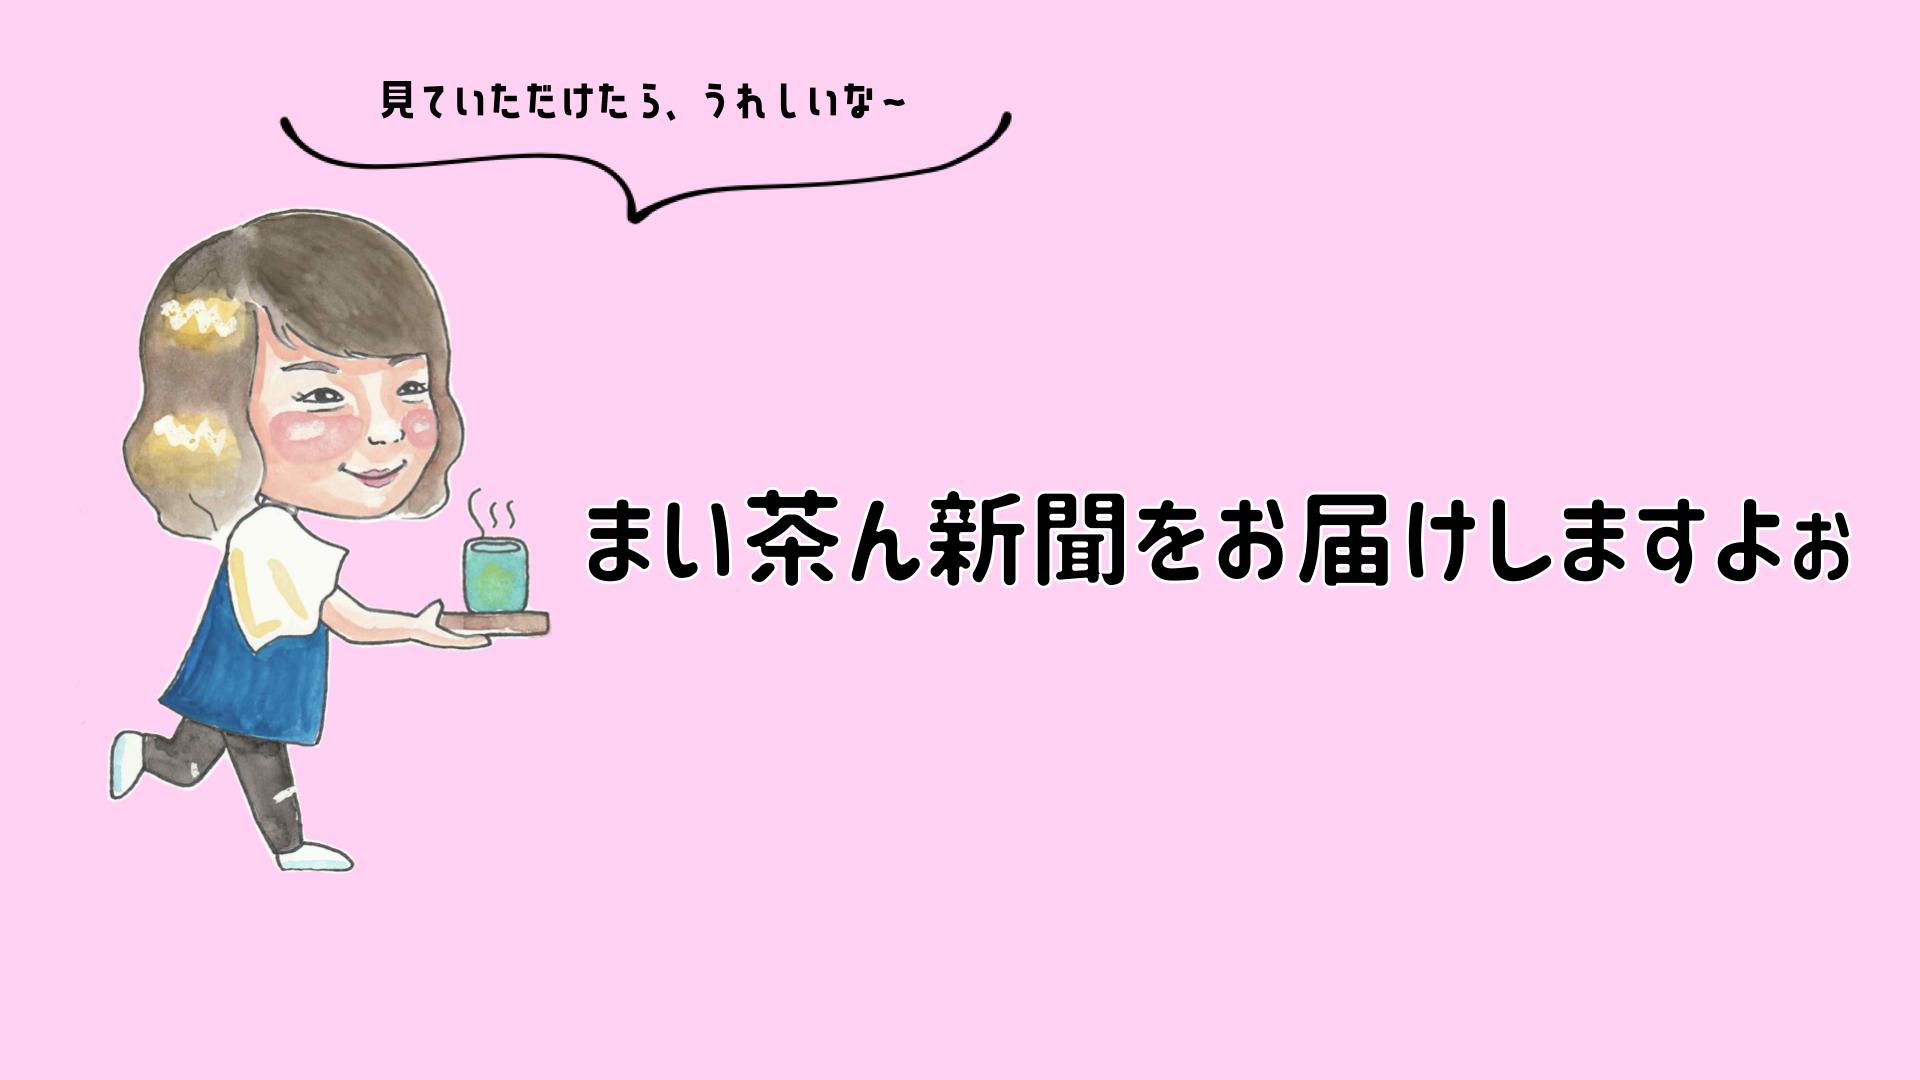 まい茶ん新聞お届けPR HP用.001.jpeg